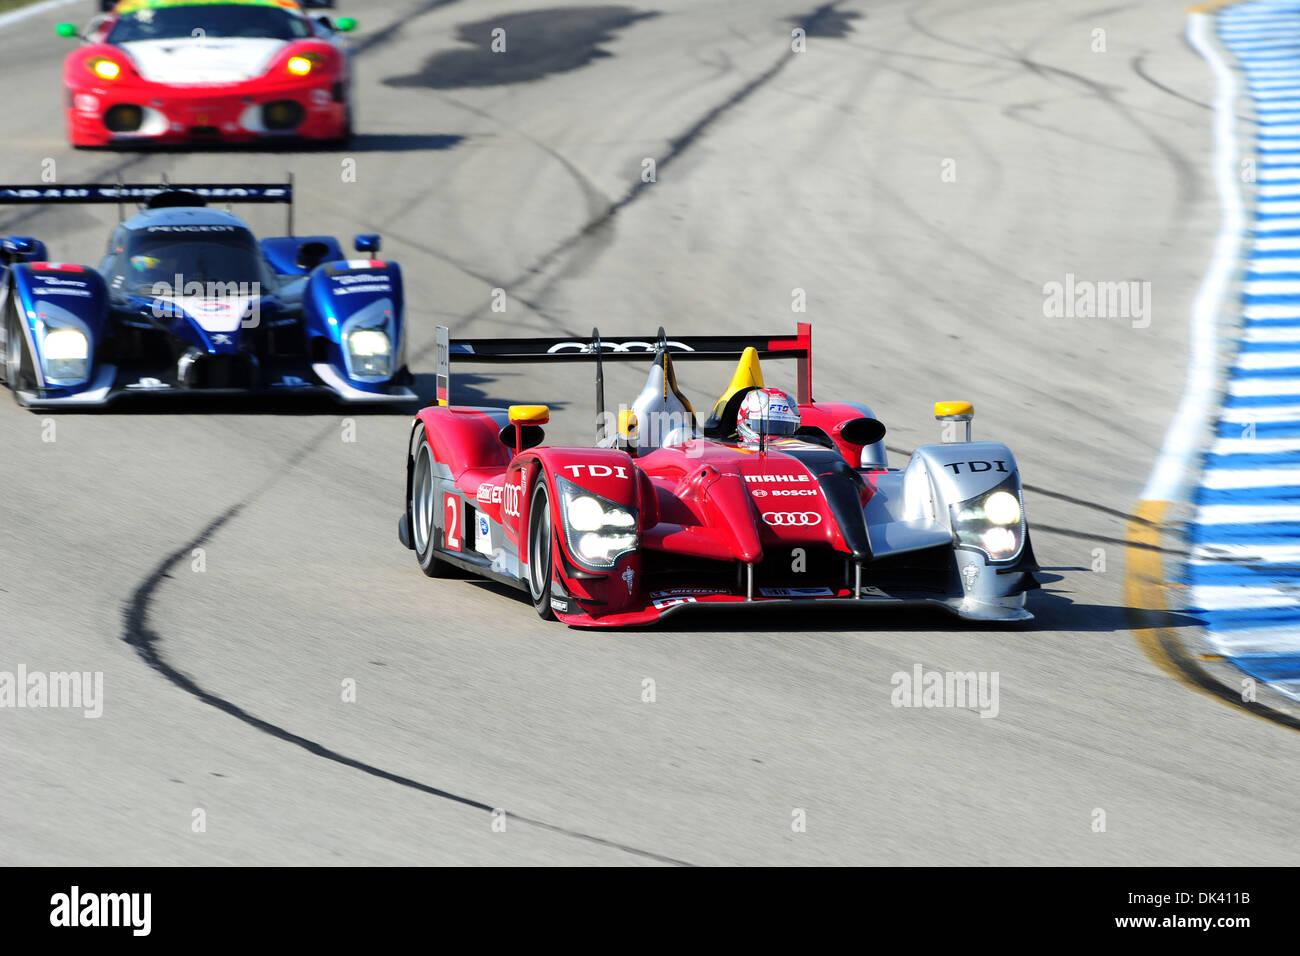 16. März 2011 - treibt Sebring, Florida, USA - Audi Sport Fahrer RINALDO CAPELLO, Italiens, der R15 Plus während der Tests für die 12 Stunden von Sebring. (Kredit-Bild: © Rainier Ehrhardt/ZUMApress.com) Stockbild